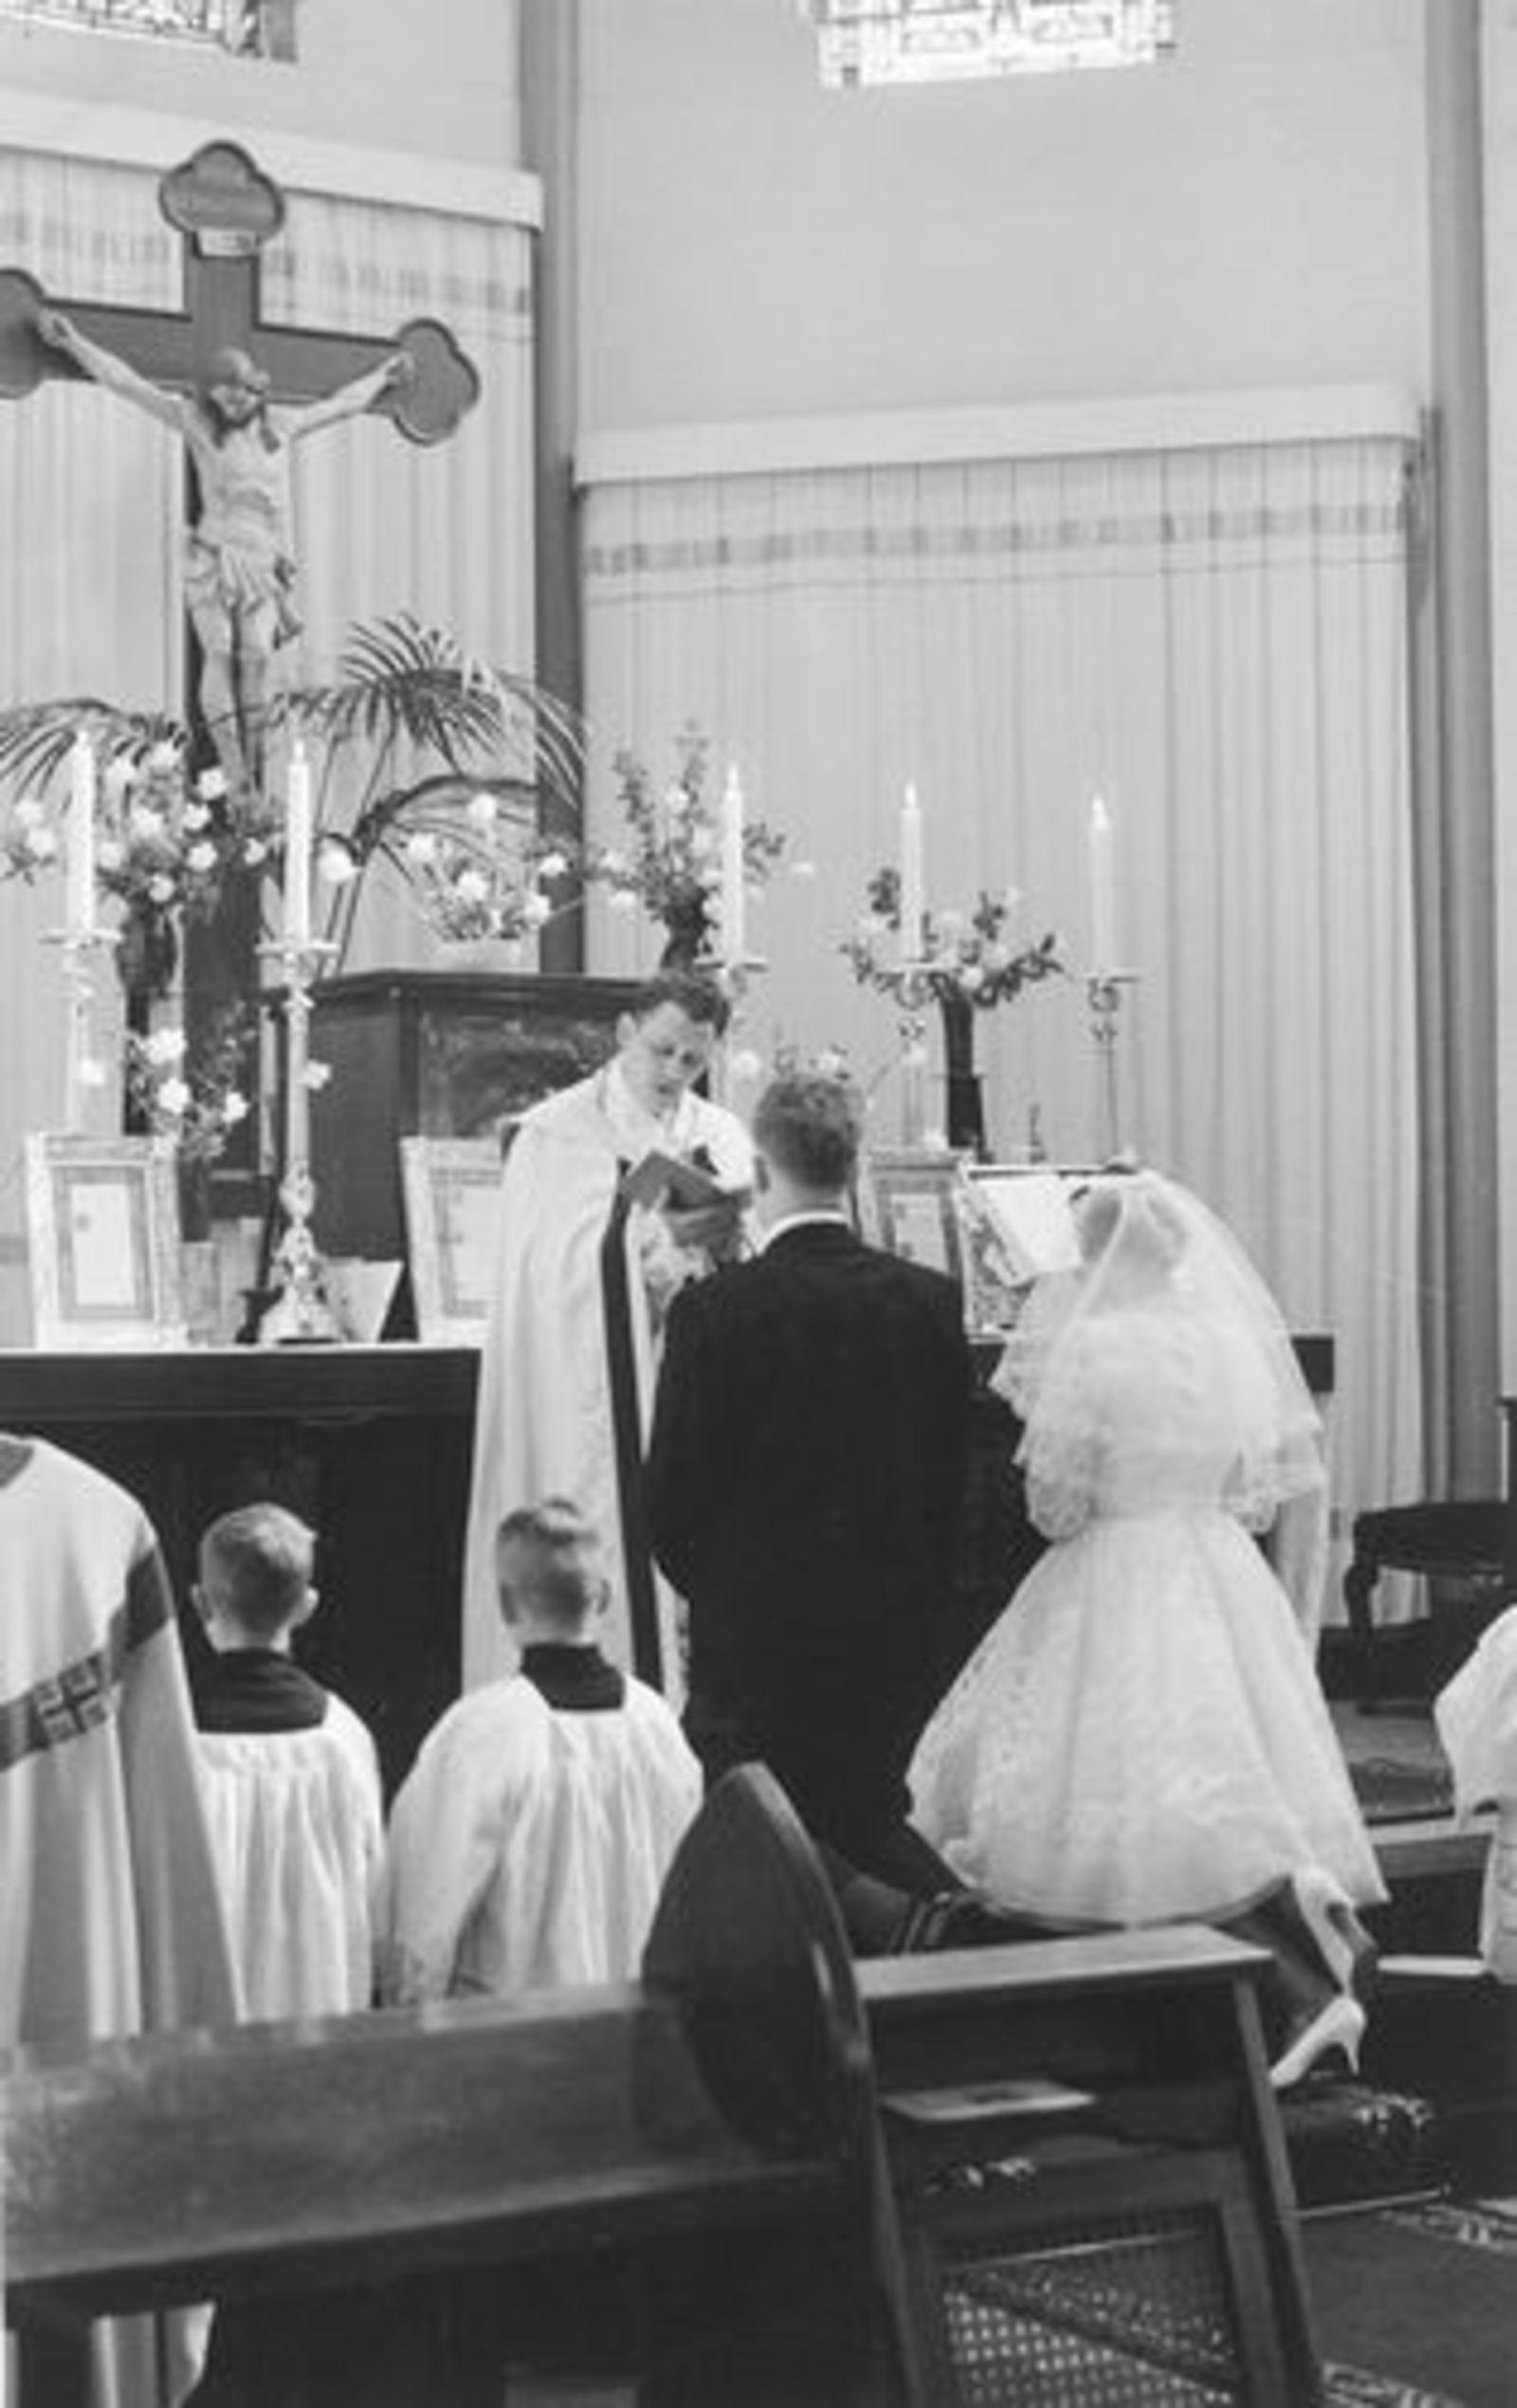 Kruisweg N 1069 1961 RK Kerk bij trouwen Ria Koeckhoven 02